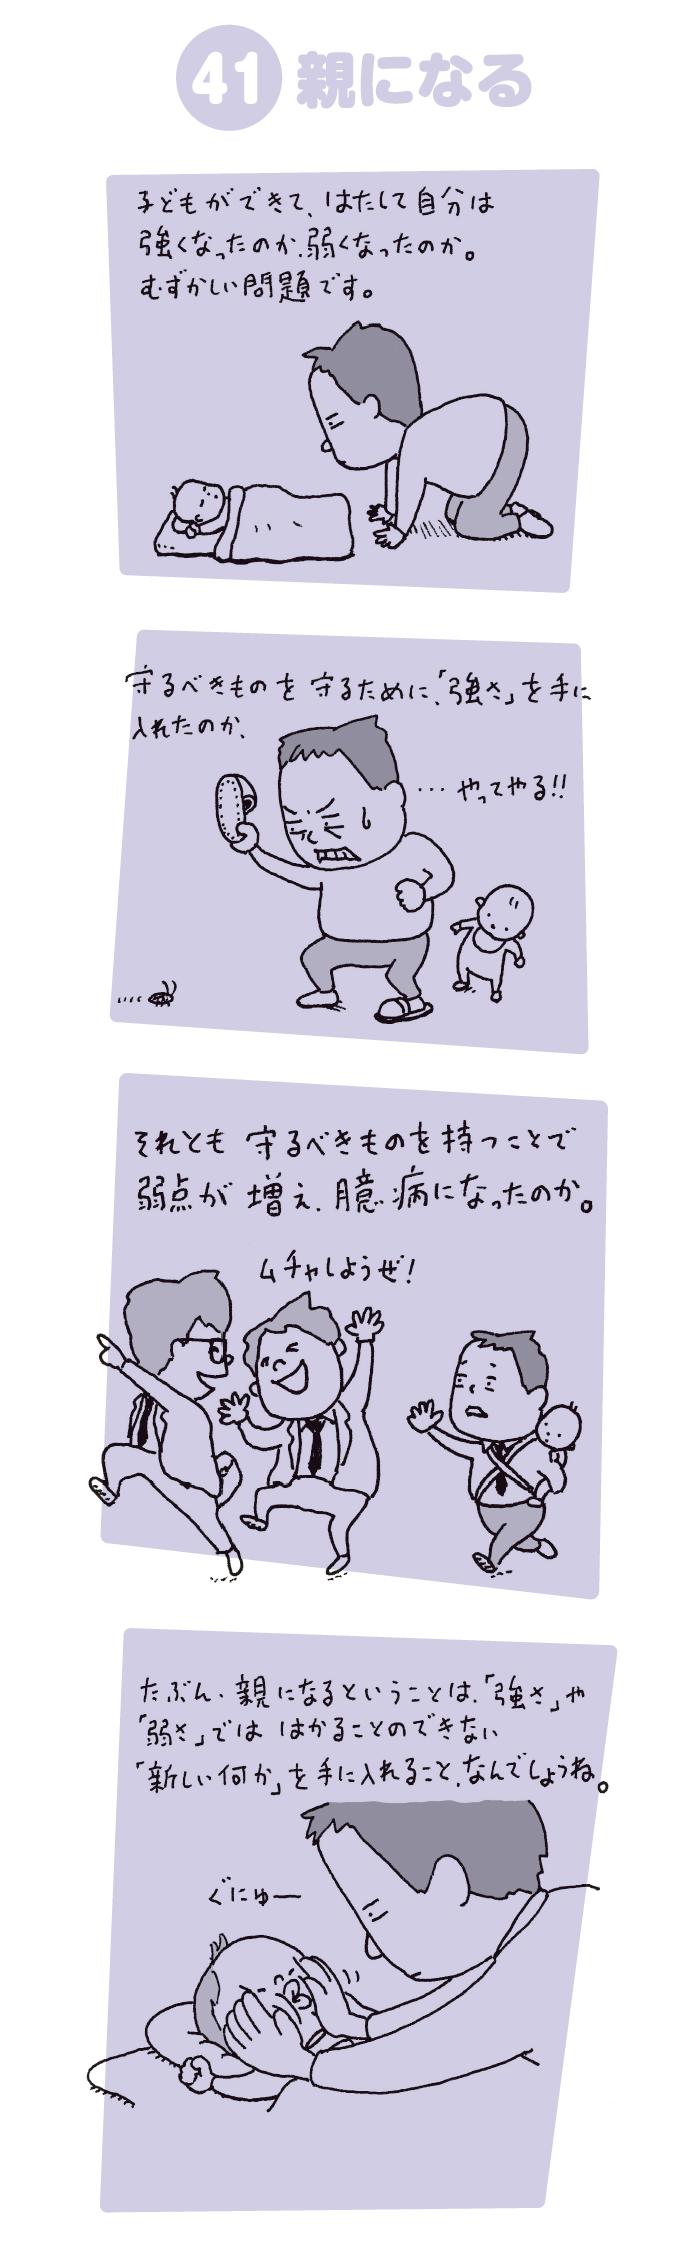 「親になるという事は…?」斬新な視点満載なヨシタケシンスケさんの育児マンガ!の画像9